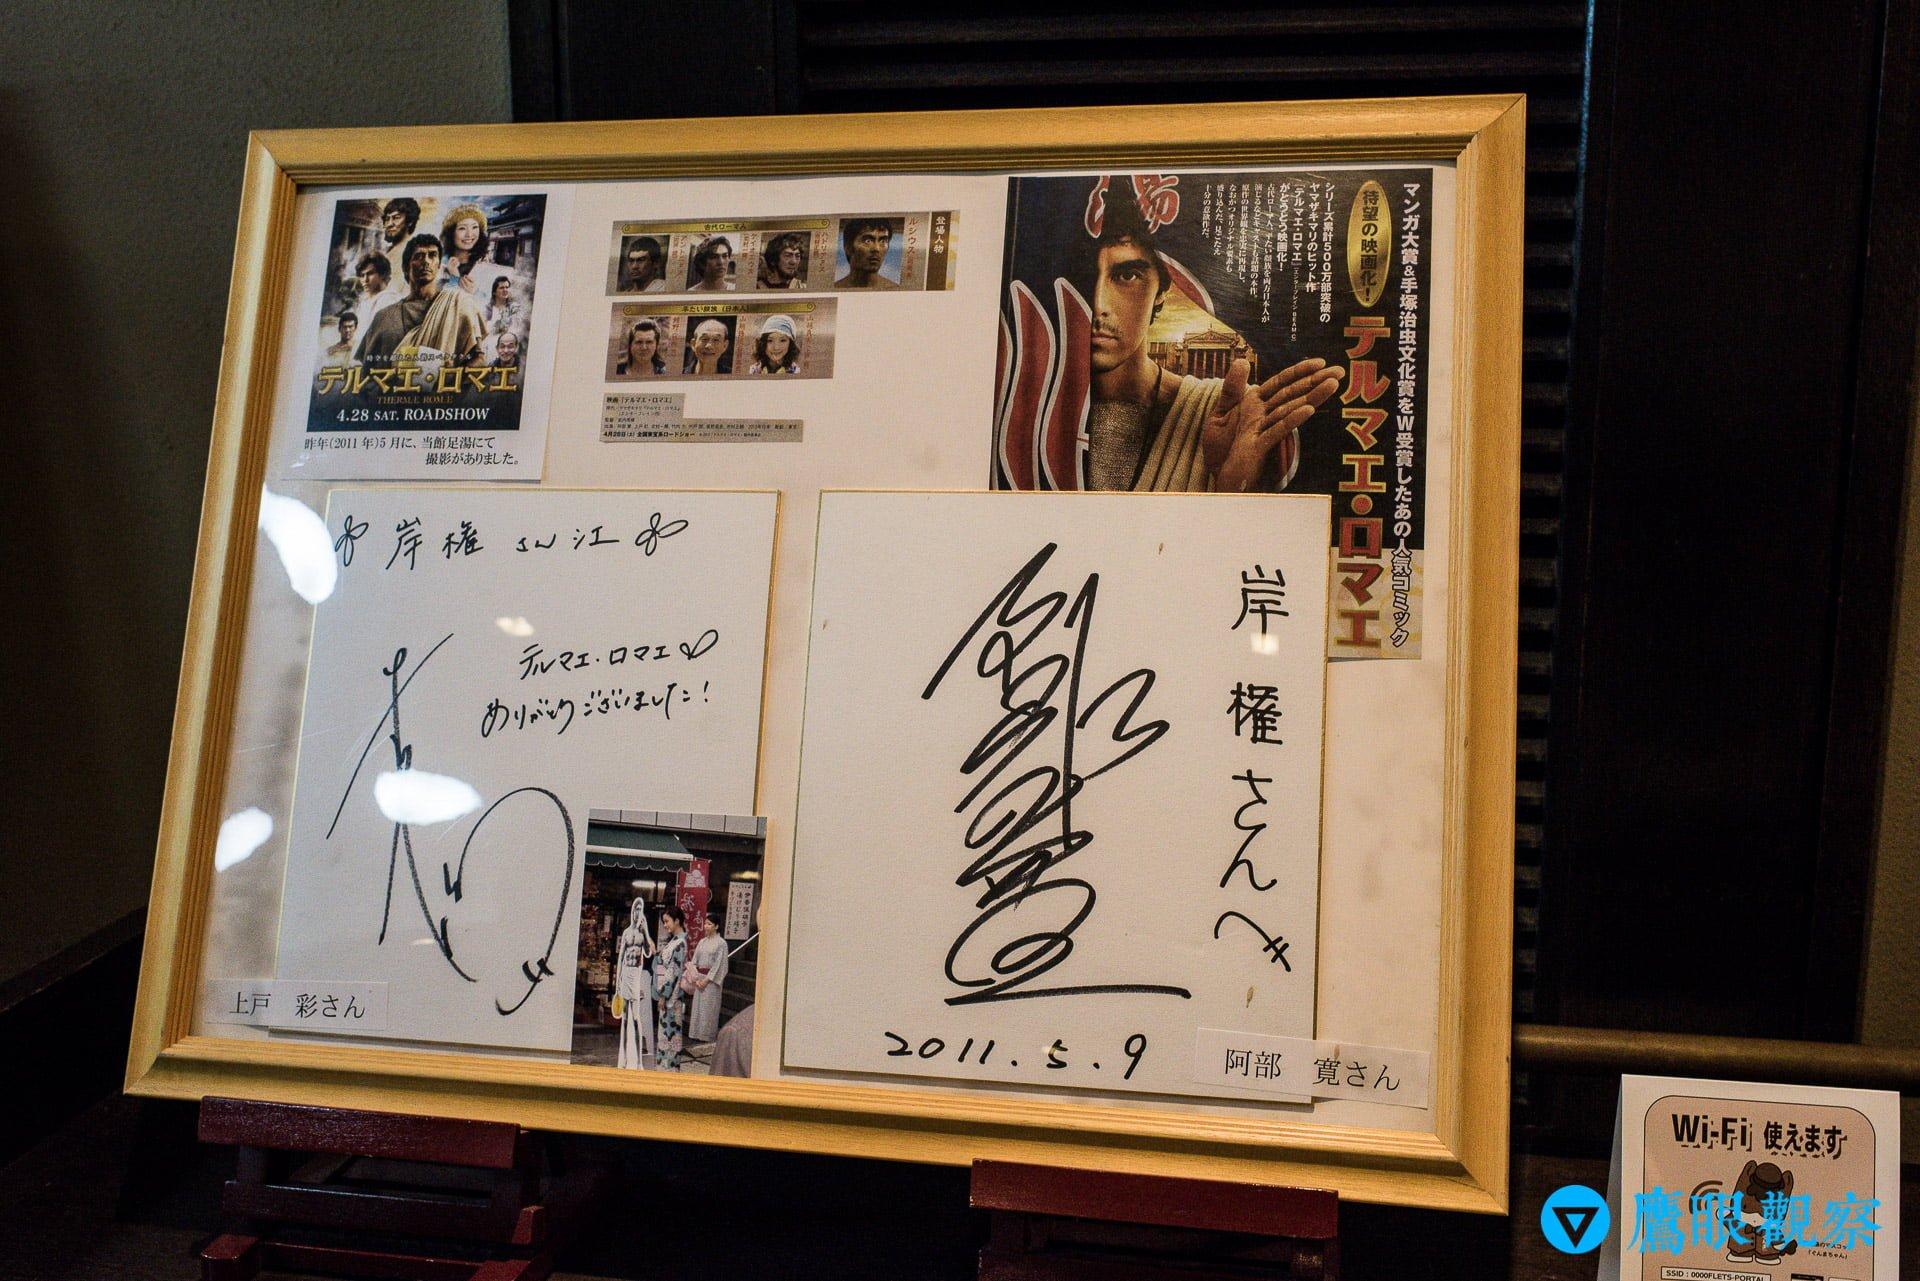 travel Japan gunma kishigon ryokan hotel in izumo spa hot spring 30 群馬縣伊香保溫泉「岸權旅館」日本旅館住宿推薦